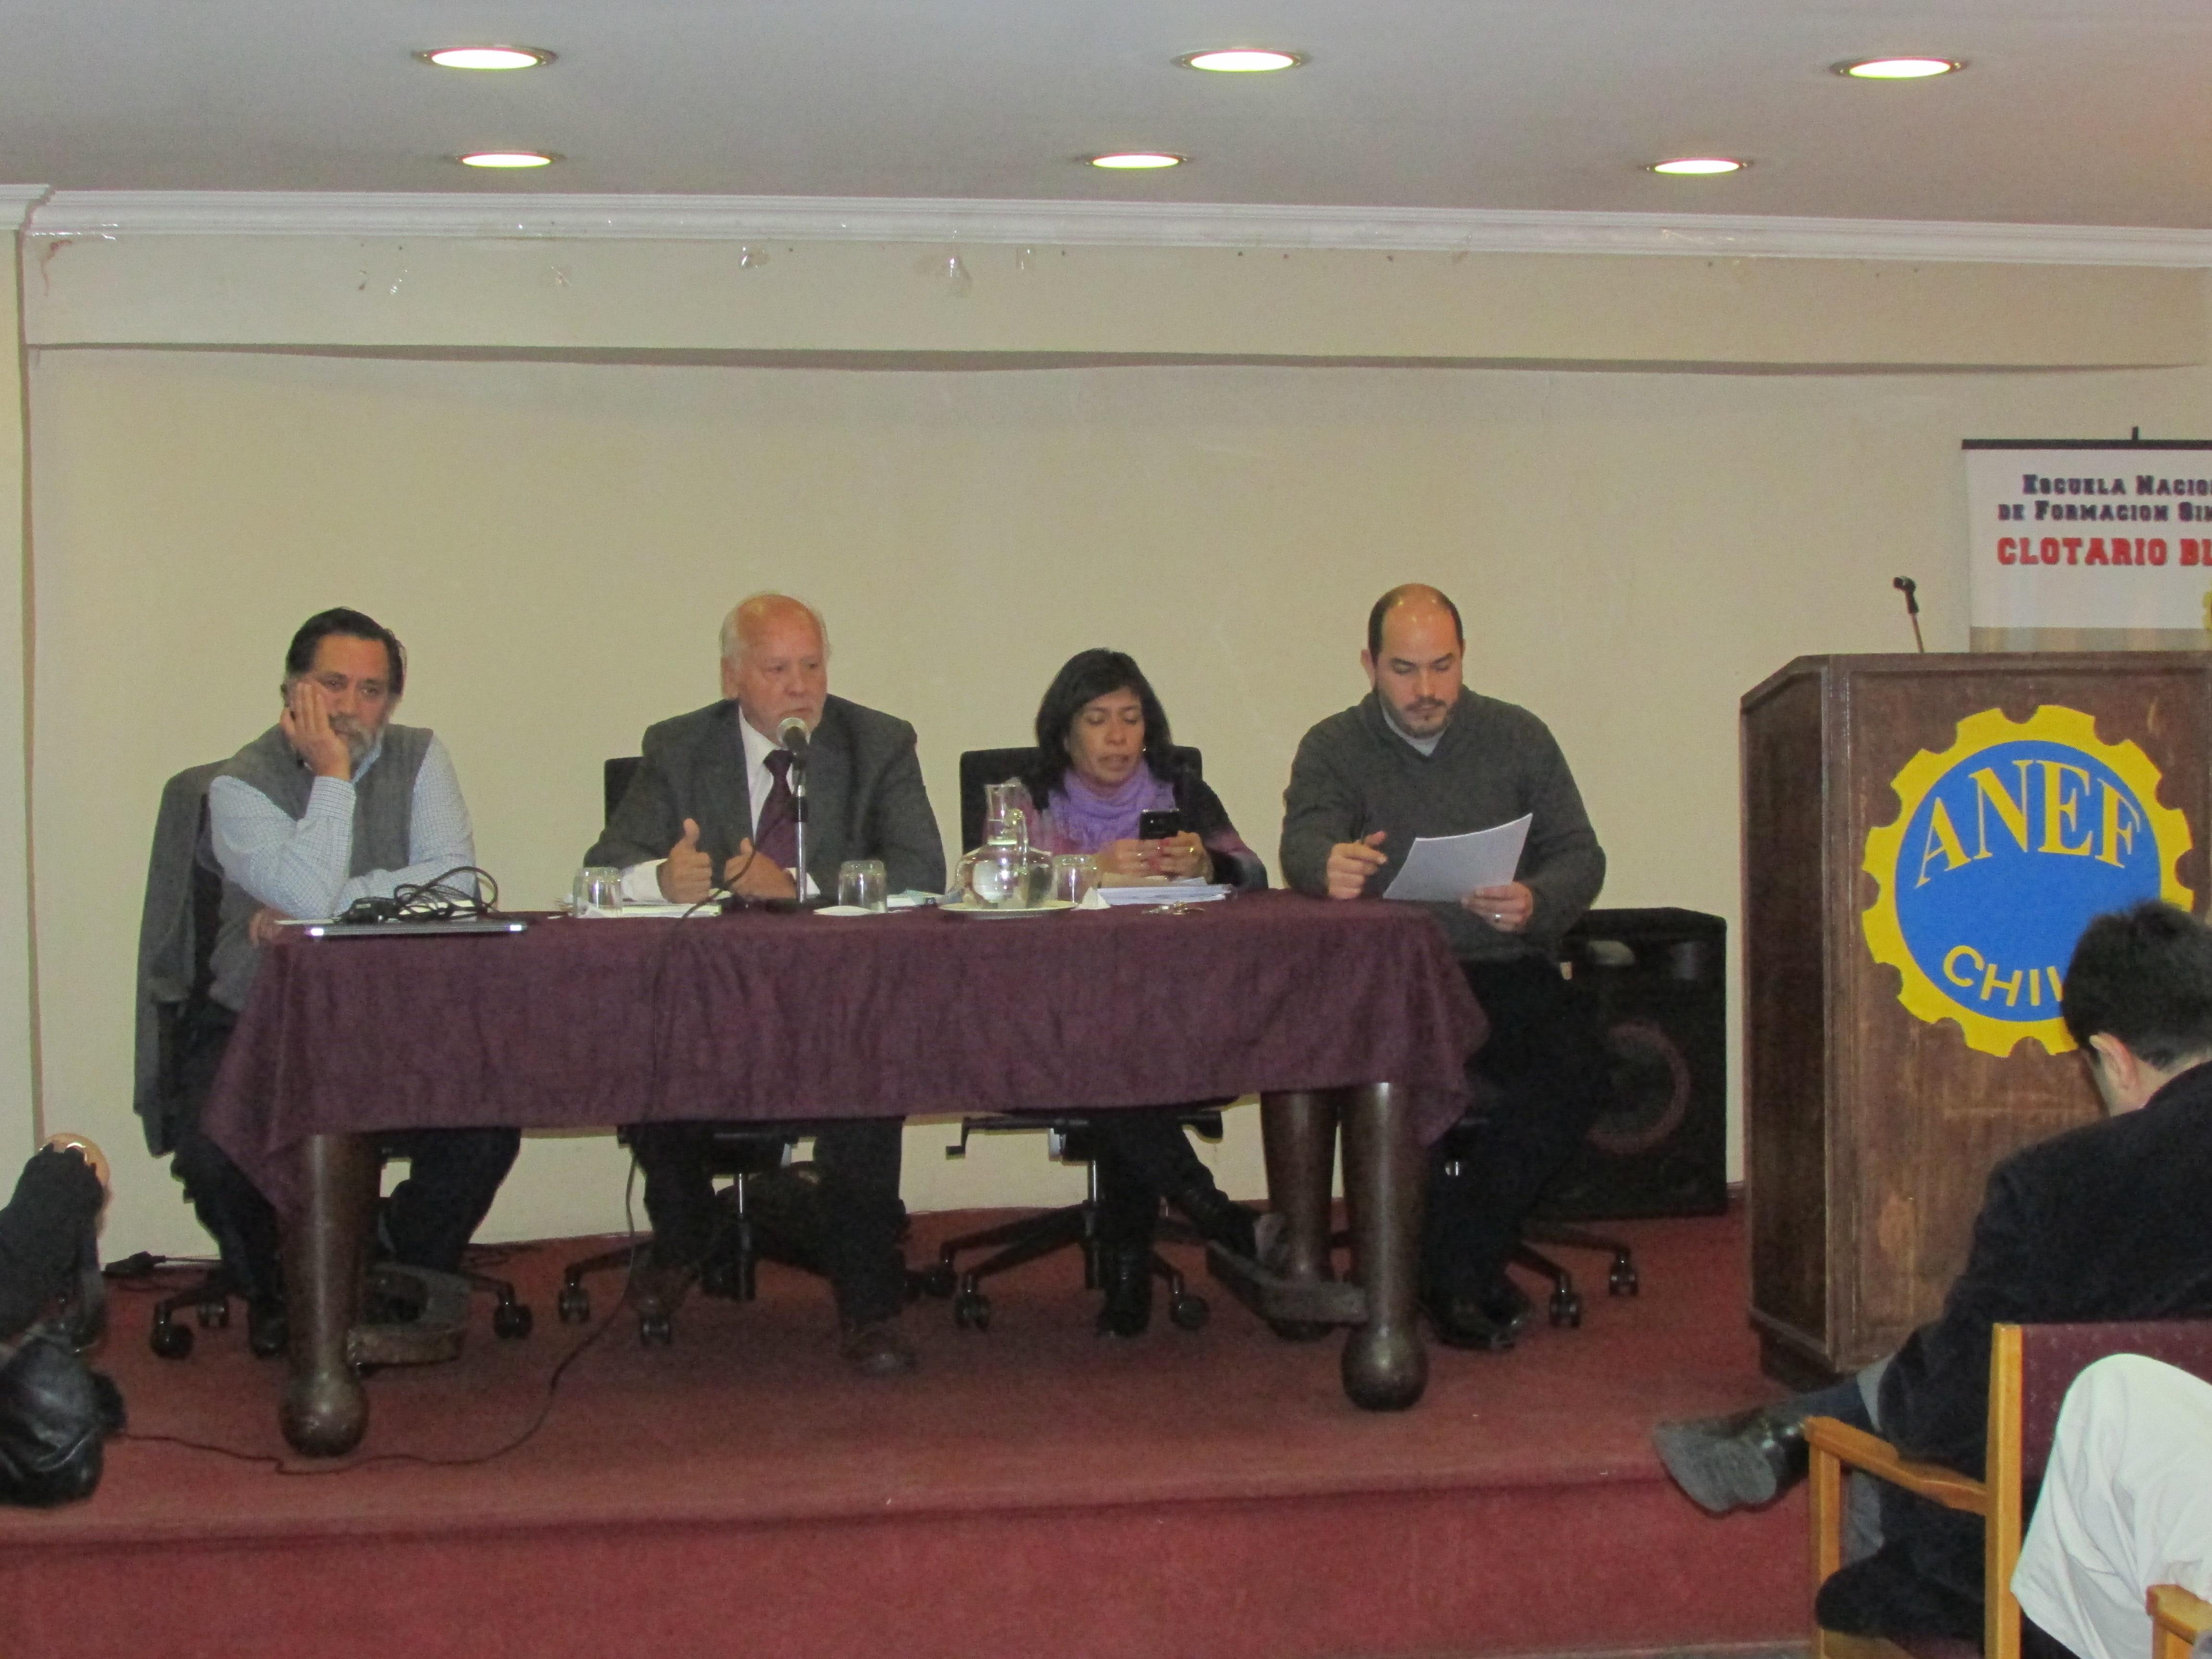 Gremios del FTH presentes en Consejo de Presidentes ANEF por negociación sectorial con el gobierno - 24 Junio 2015